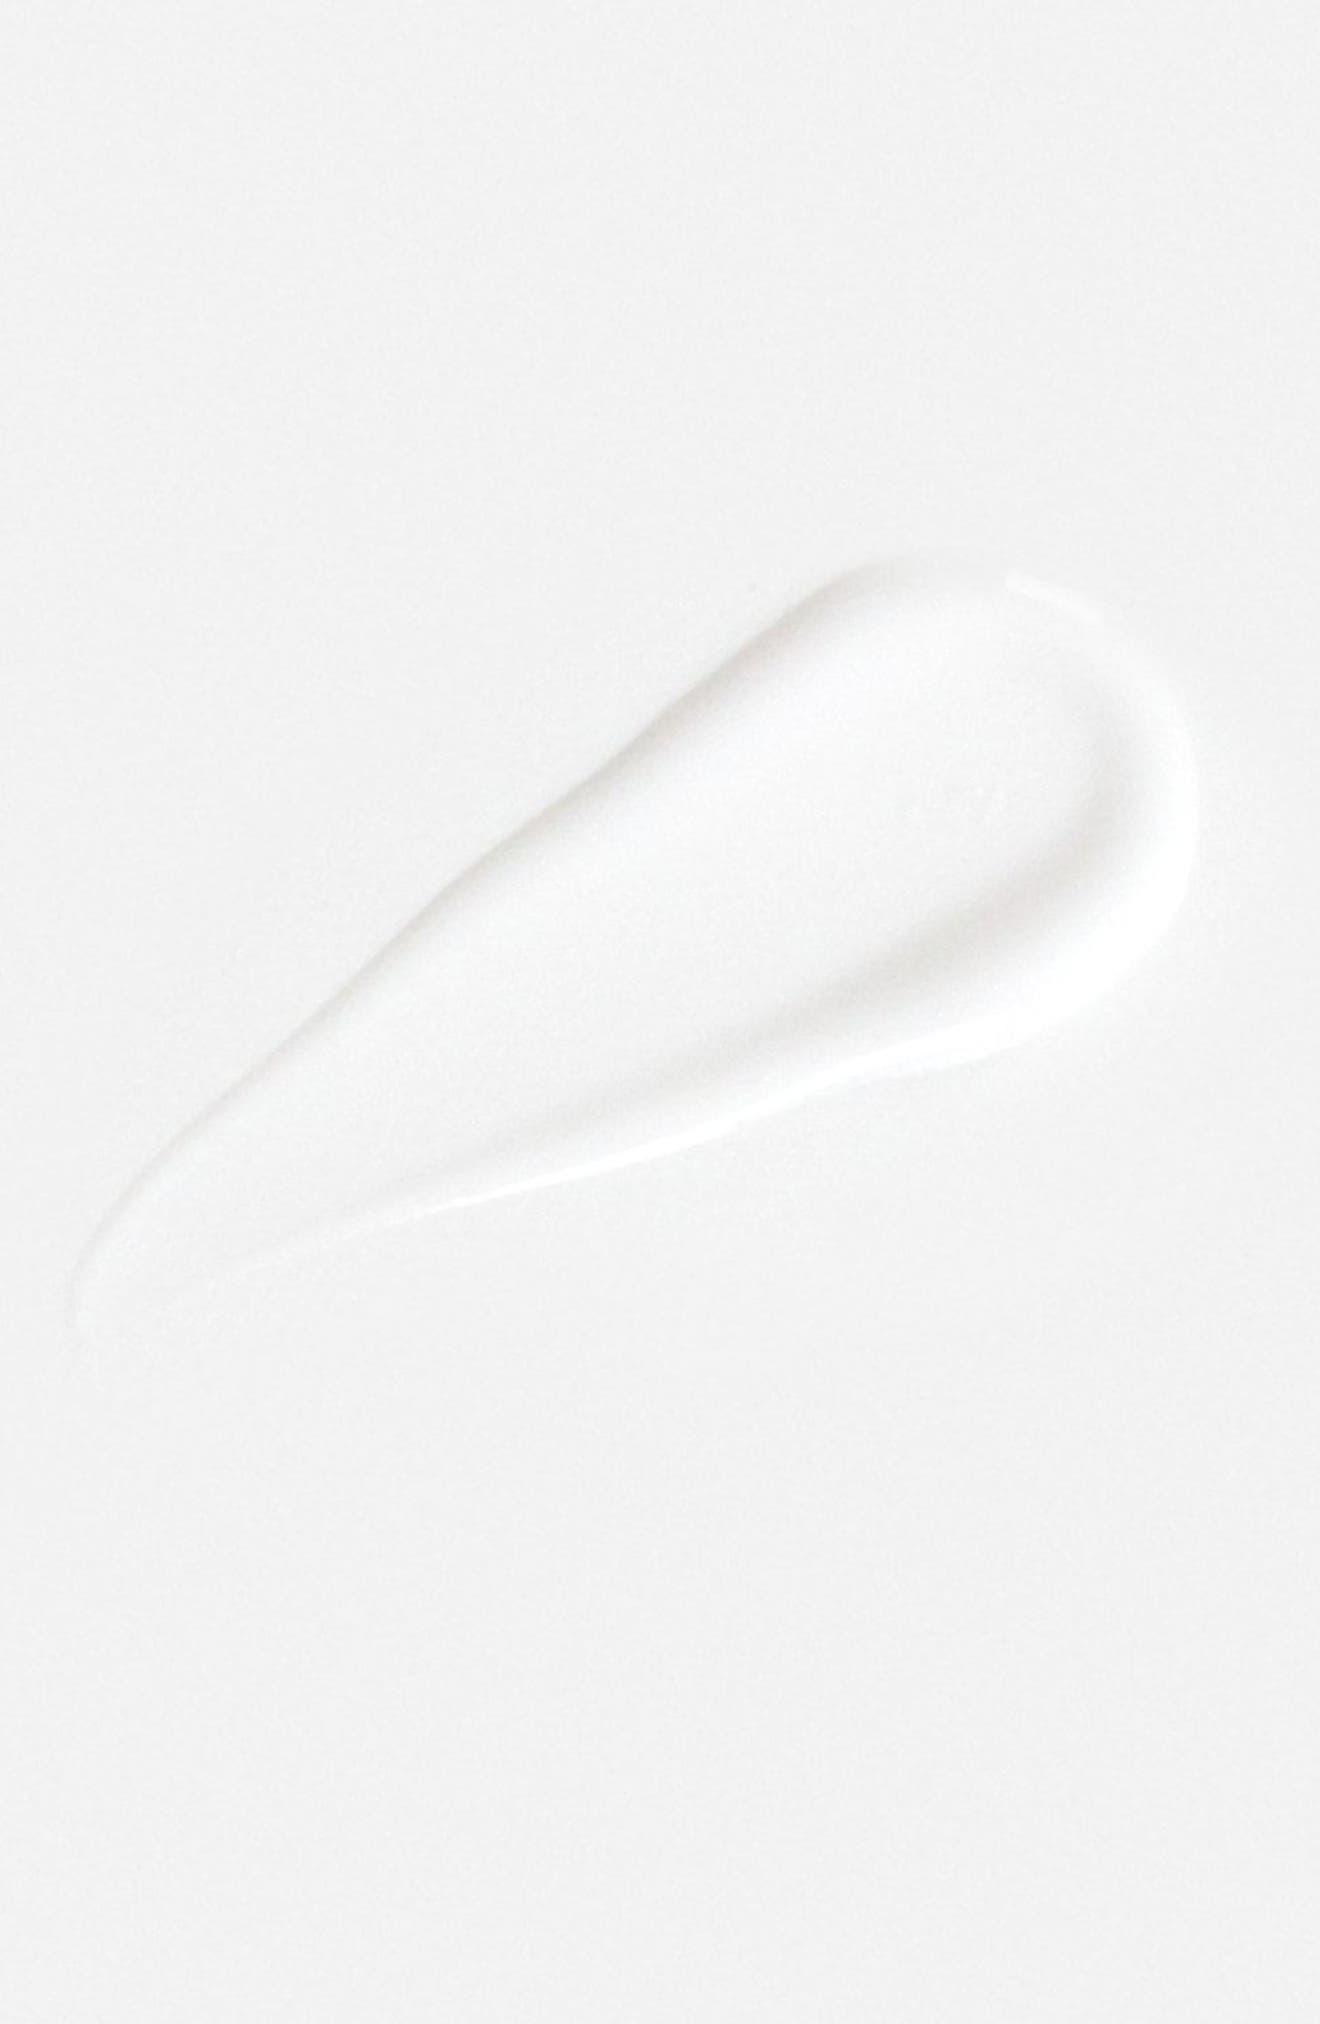 'Breakout Control' Acne Treatment Facial Lotion,                             Alternate thumbnail 2, color,                             No Color